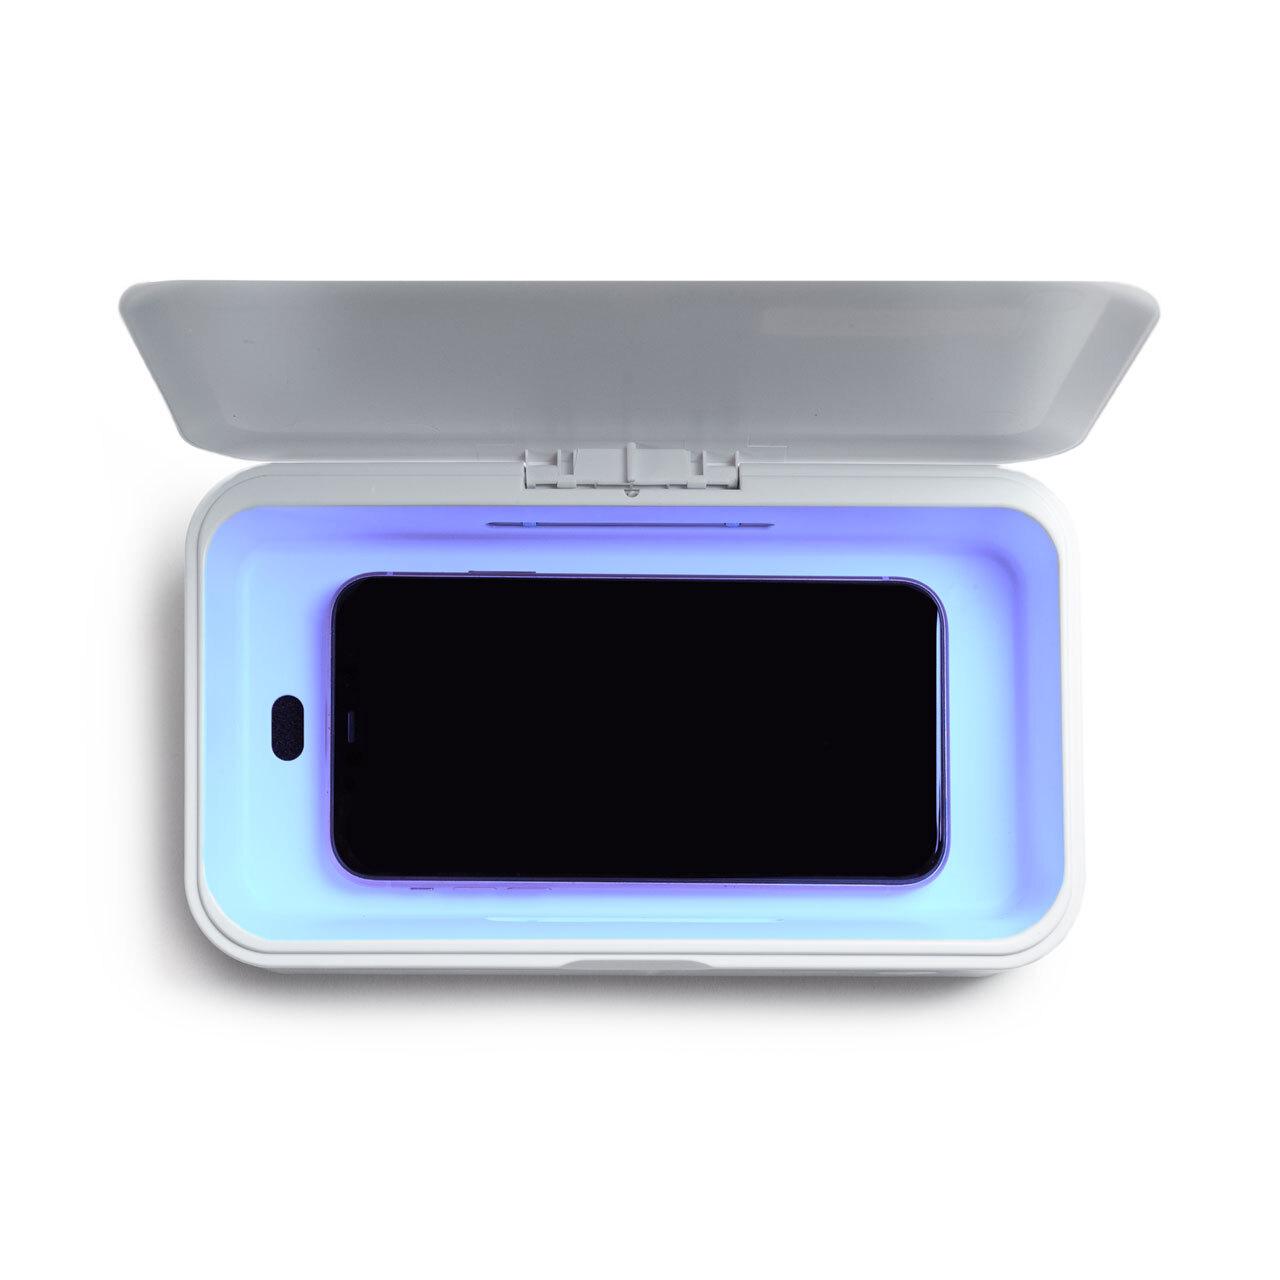 ITFIT UV é o novo carregador sem fios da Samsung, capaz de higienizar o telemóvel enquanto carrega